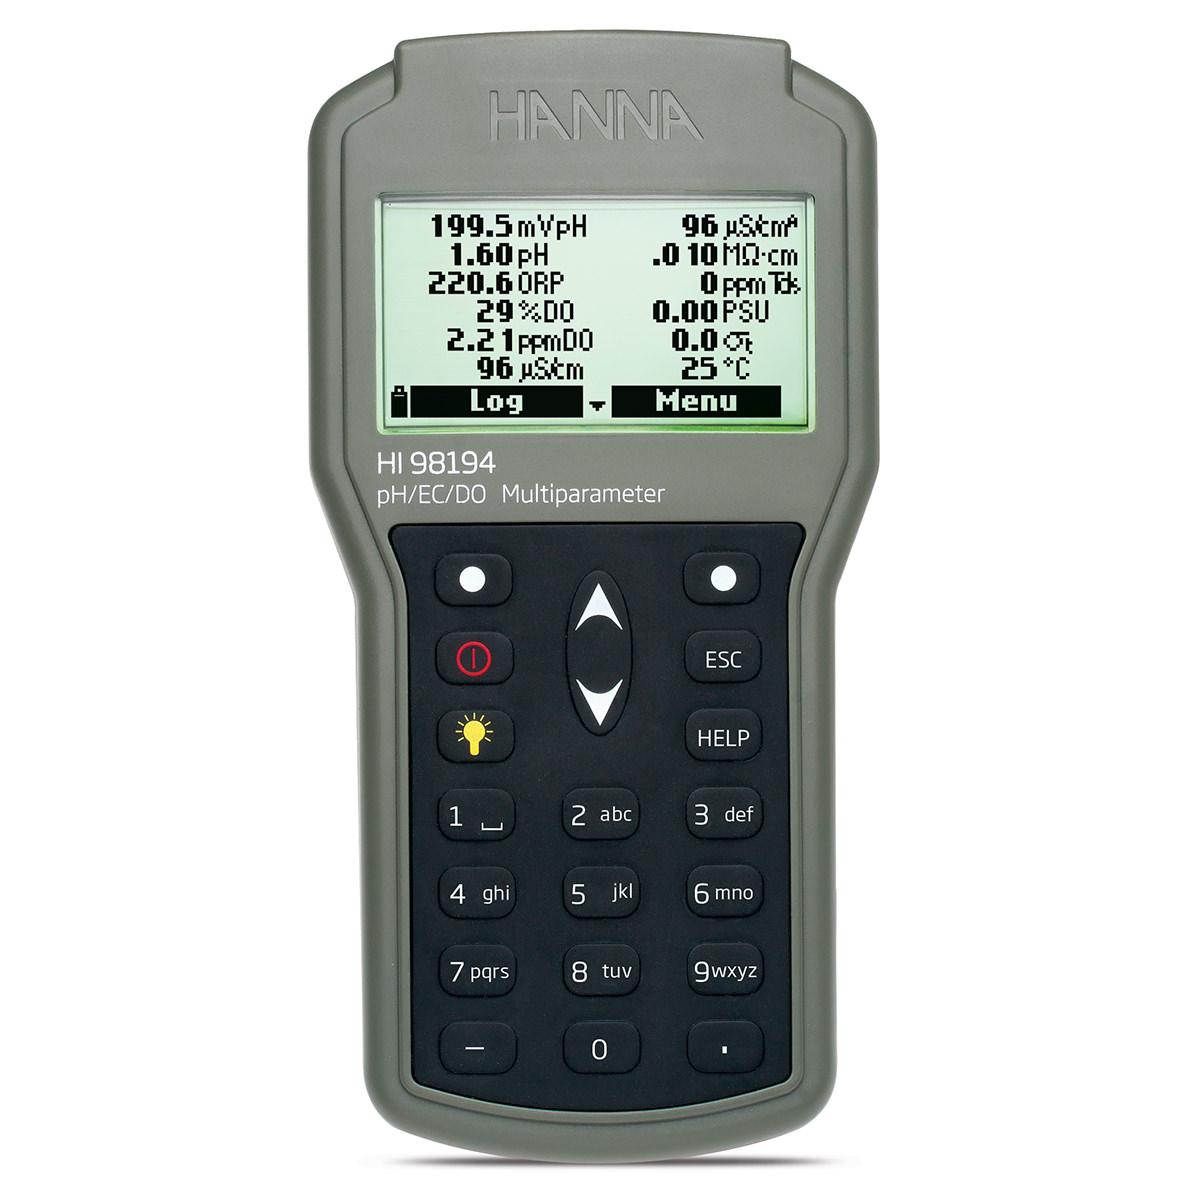 Misuratore multiparametro di pH/ORP/EC/TDS/Salinità/DO/Pressione/Temperatura a tenuta stagna - HI98194